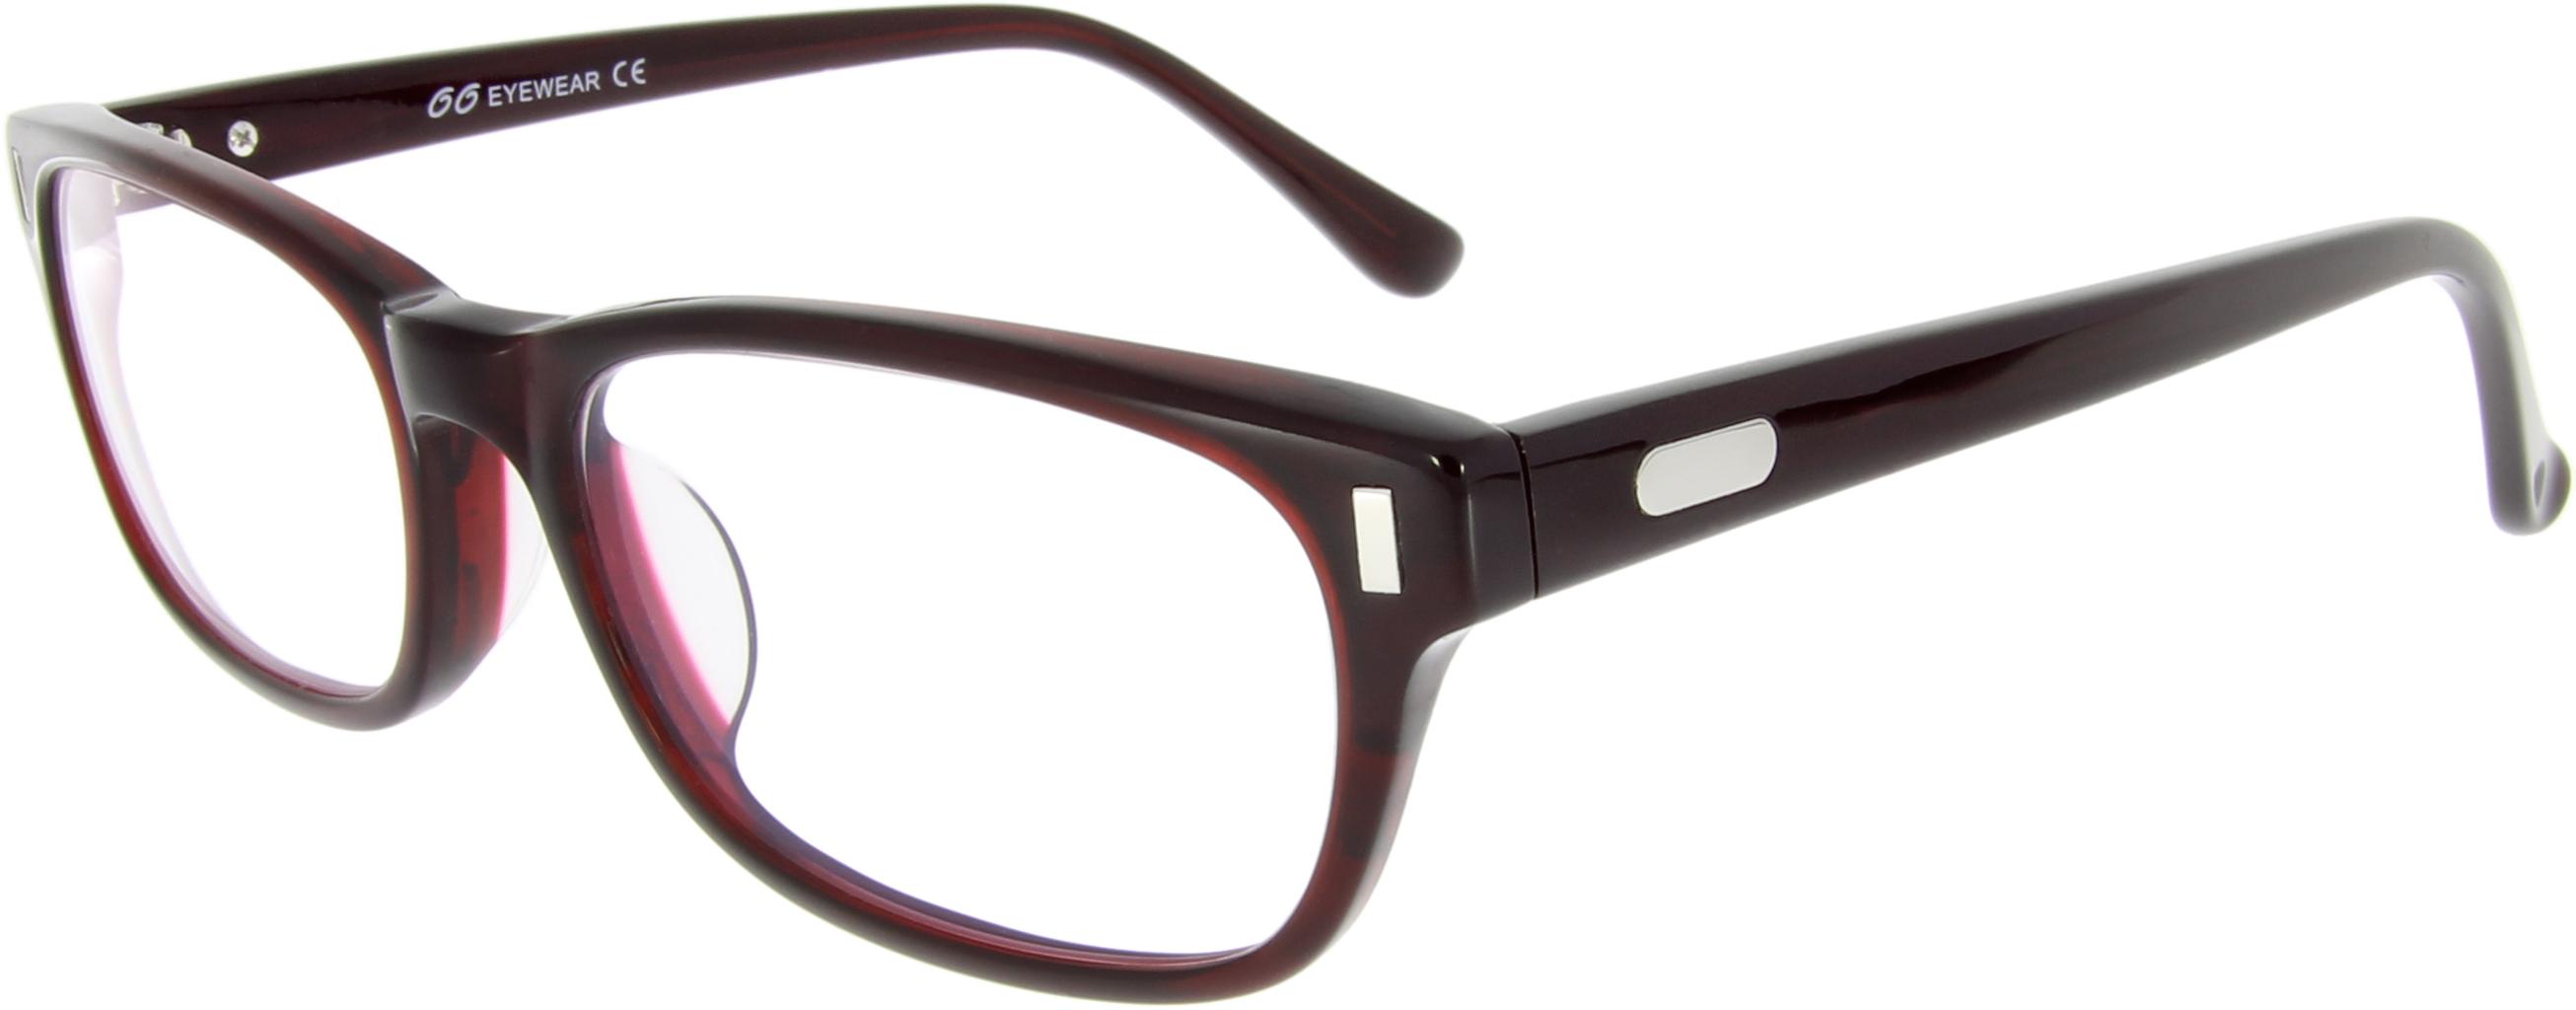 Vorschaubild von Kastenförmige Brille in Tiefdunkelrot